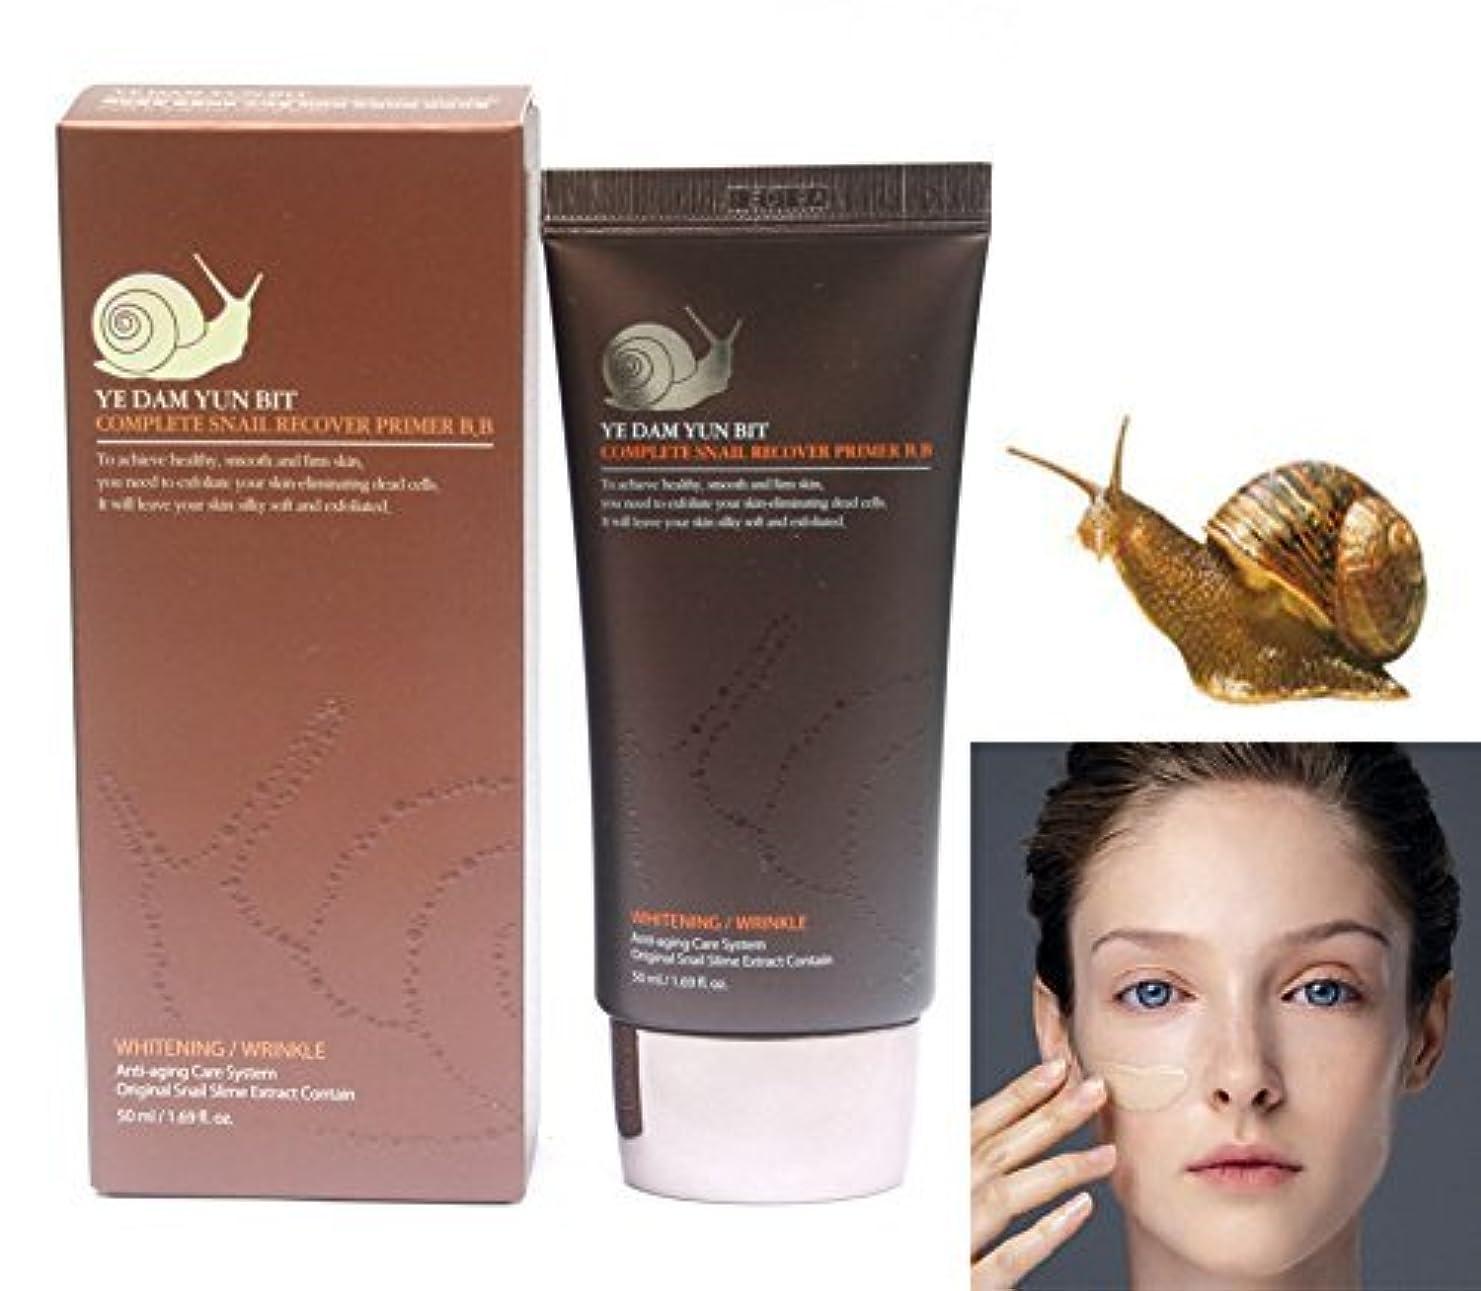 変動する毎日る[YEDAM YUNBIT] 完全なカタツムリ?リカバリー?プライマーBB 50ml /韓国化粧品 / Complete Snail Recover Primer BB 50ml / Korean Cosmetics (3EA) [並行輸入品]